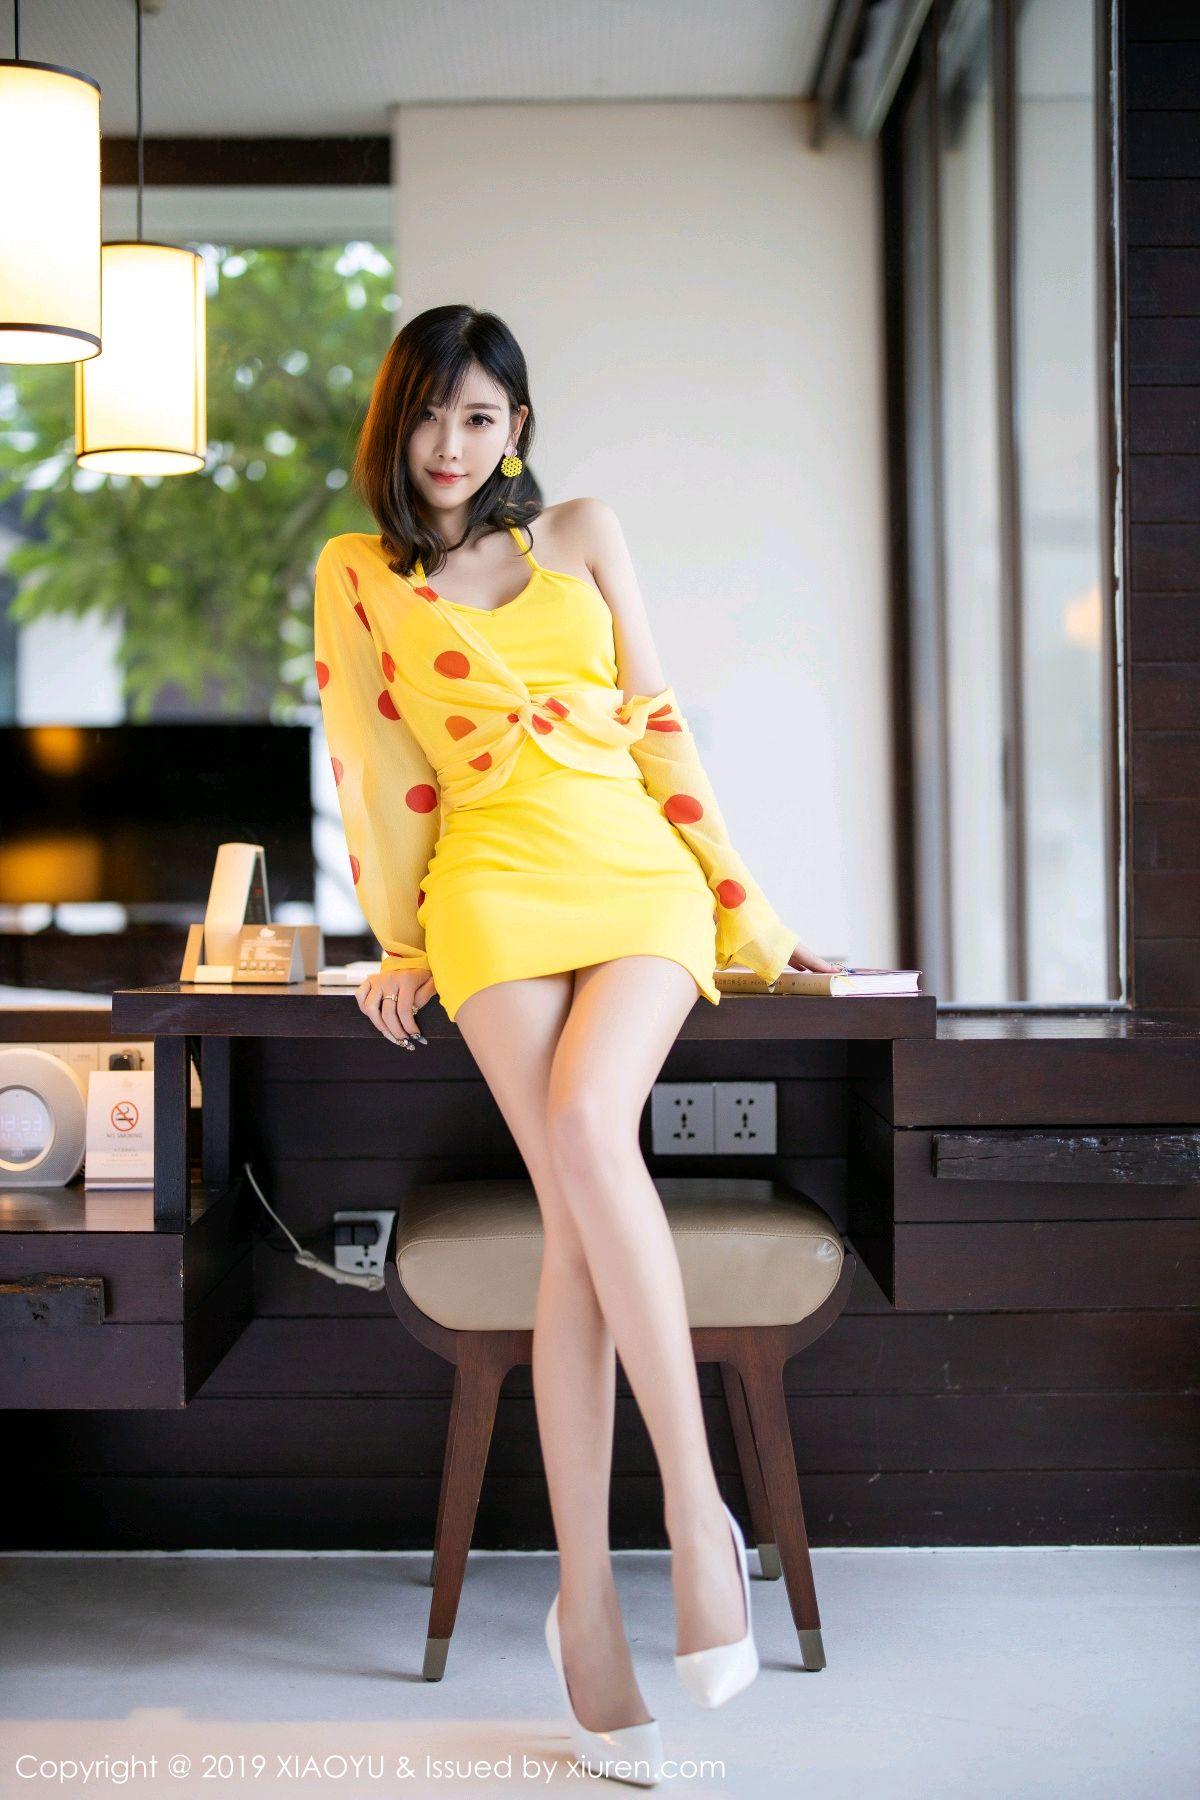 [XiaoYu] VOL.204 Yang Chen Chen 12P, Pure, XiaoYu, Yang Chen Chen